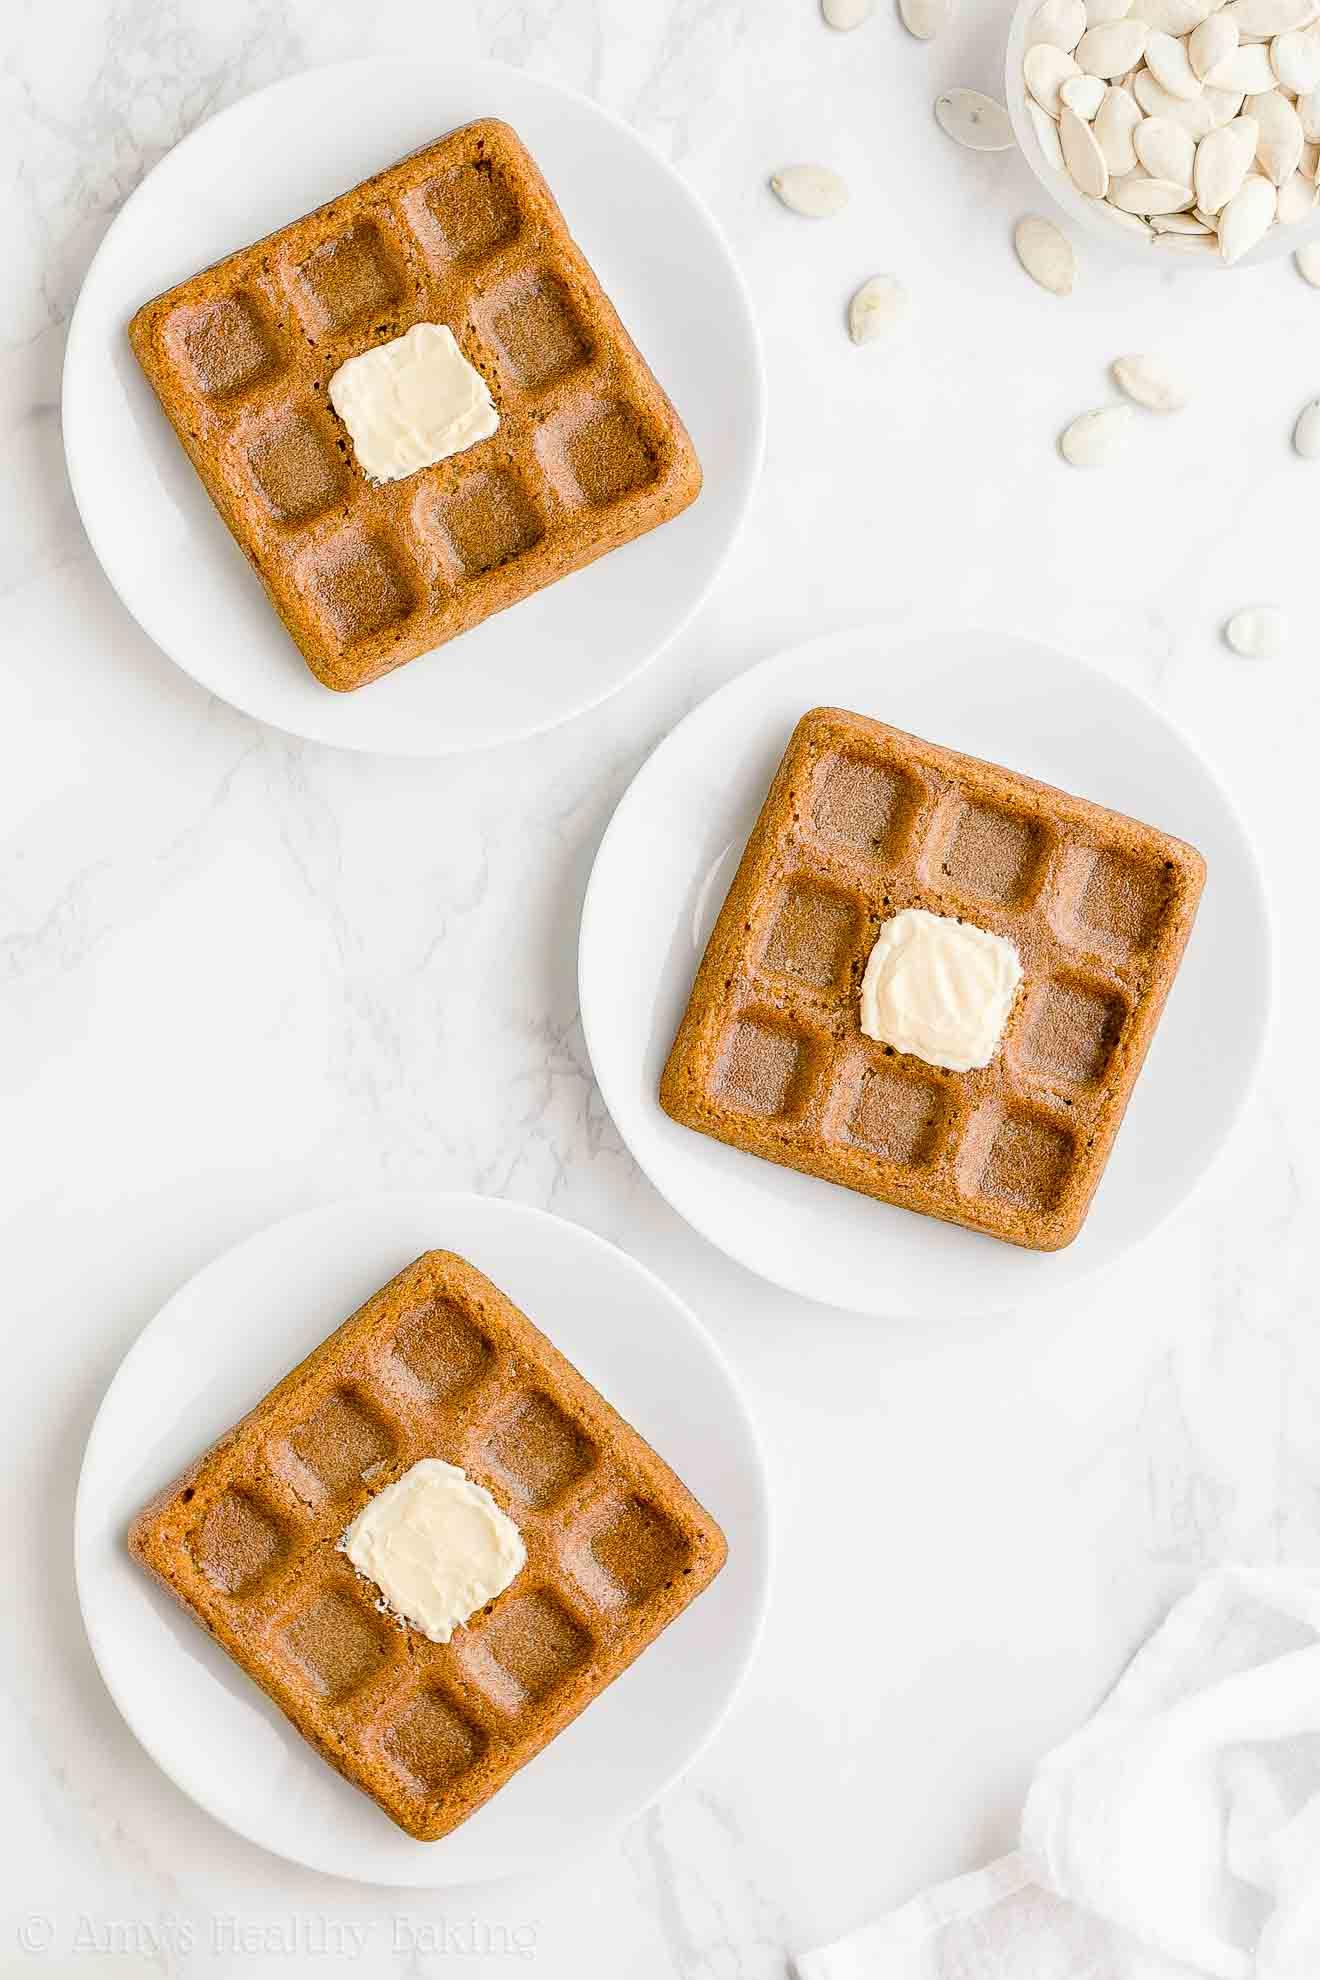 Best Healthy Fluffy Low Fat Gluten Free Pumpkin Waffles